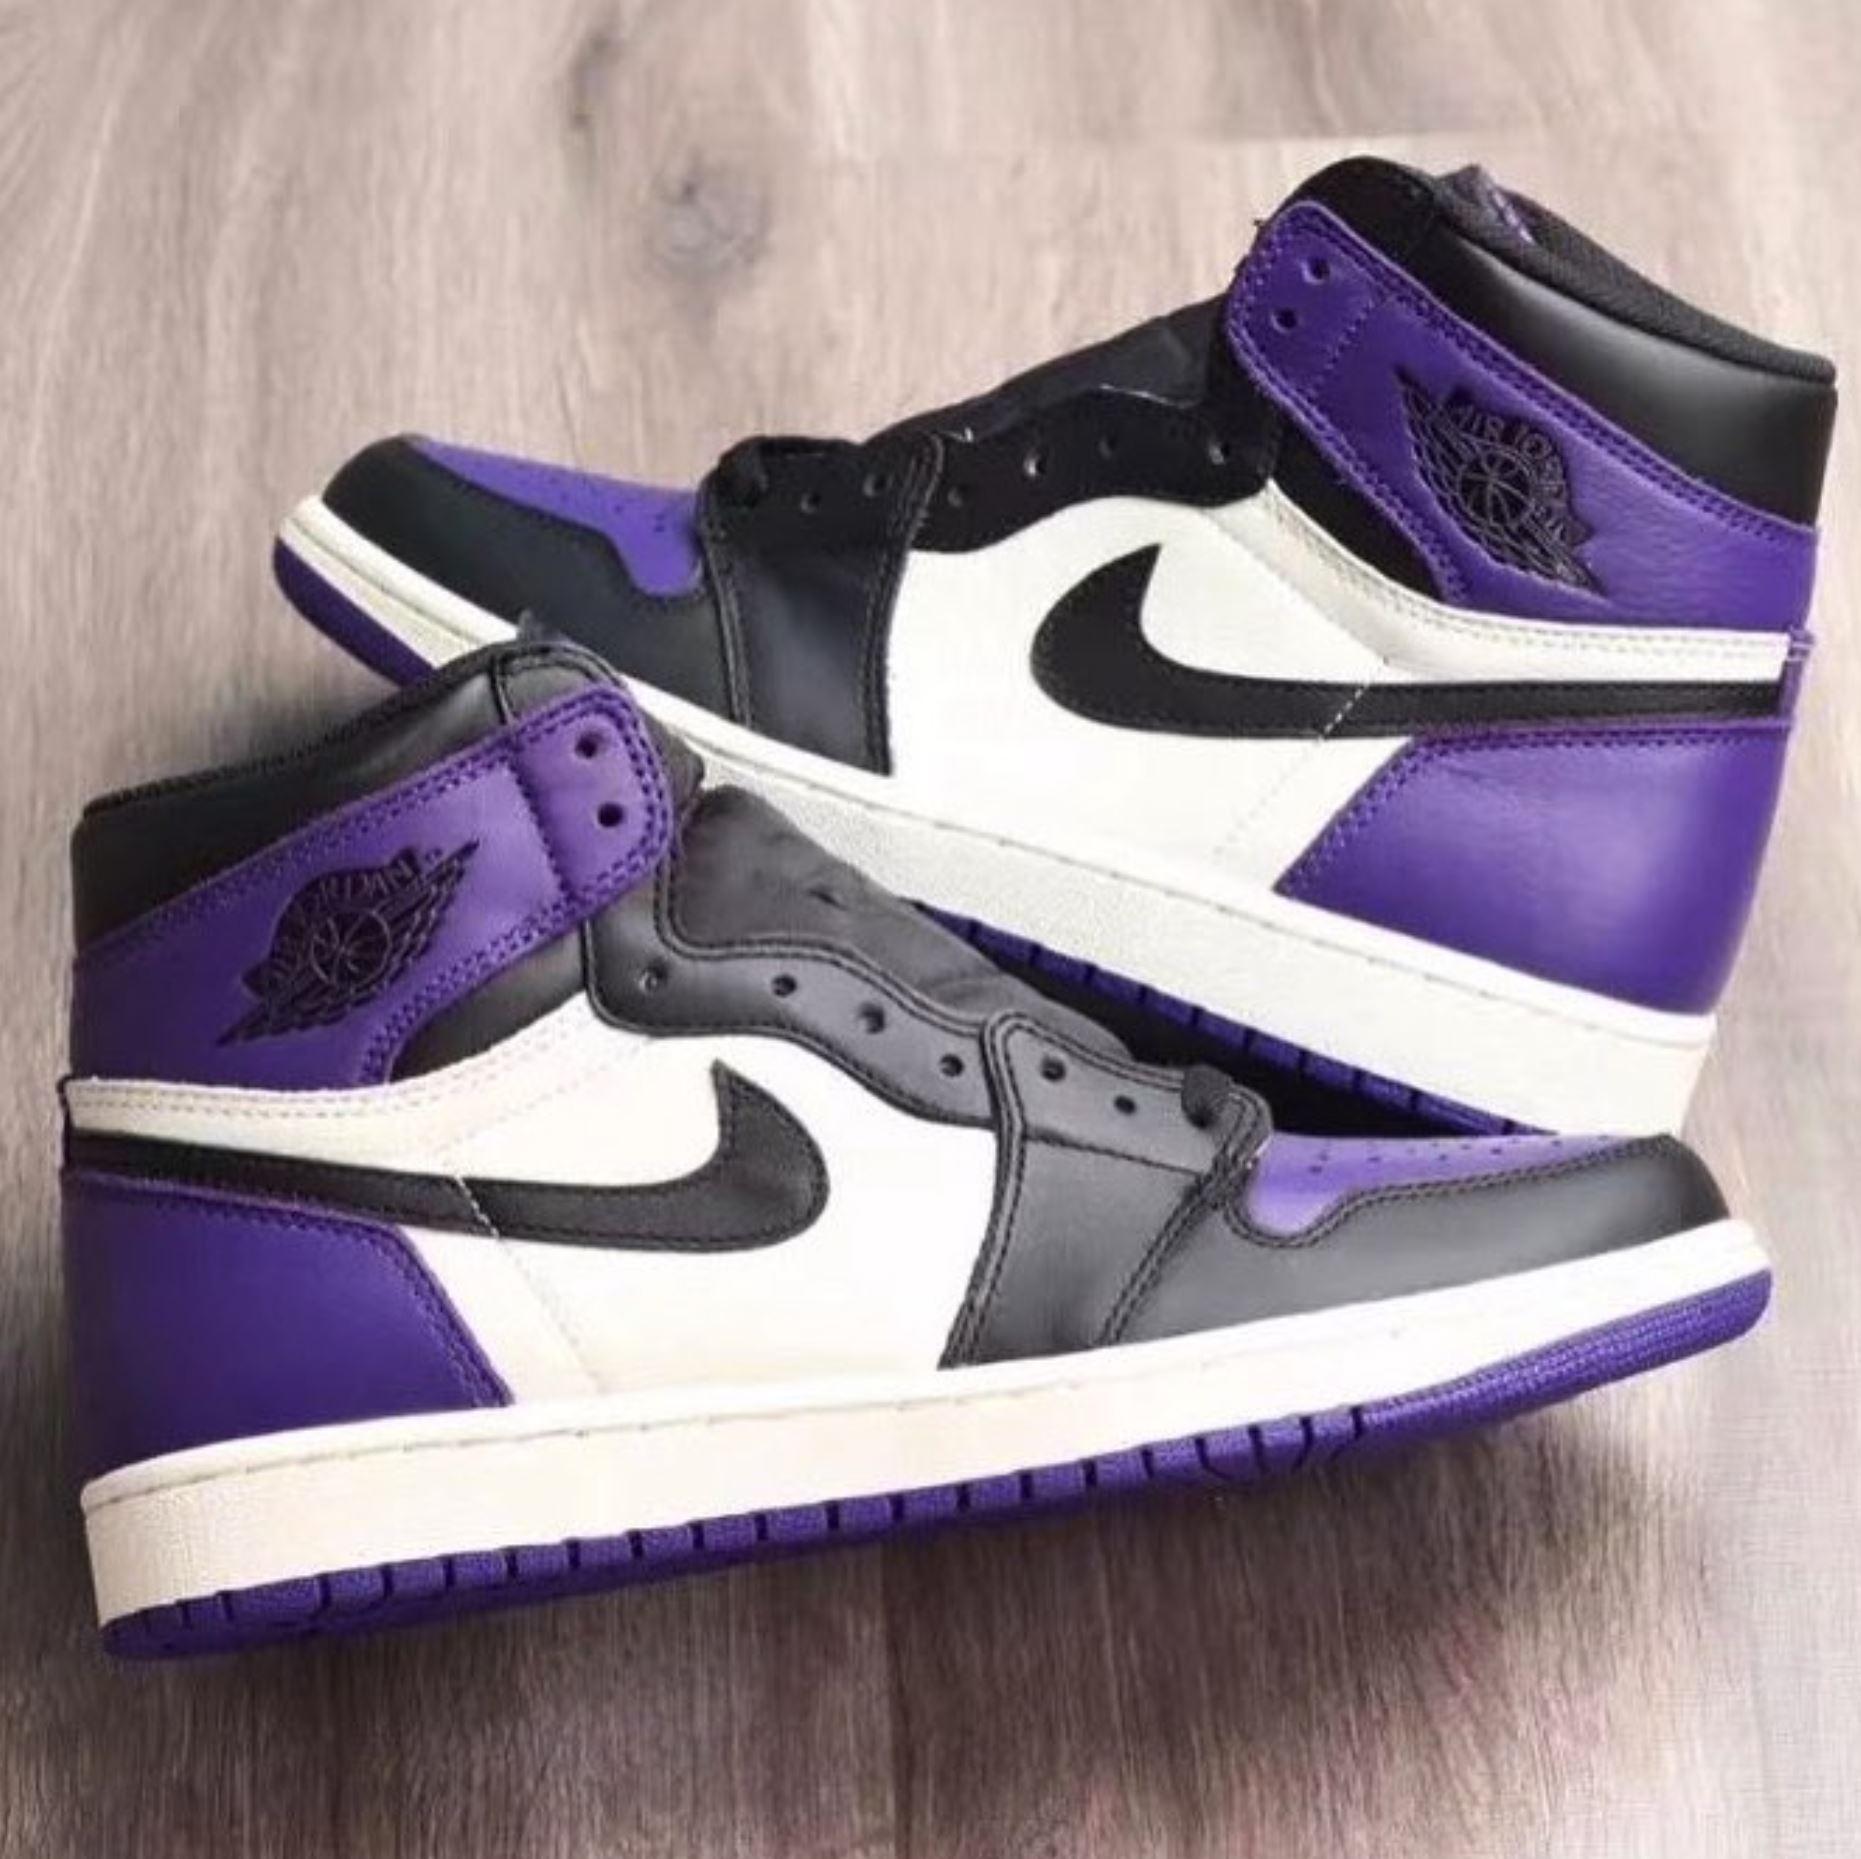 6fcc928ac0d276 1f5c8 c3e91  ebay air jordan 1 court purple release date dd079 e7b00